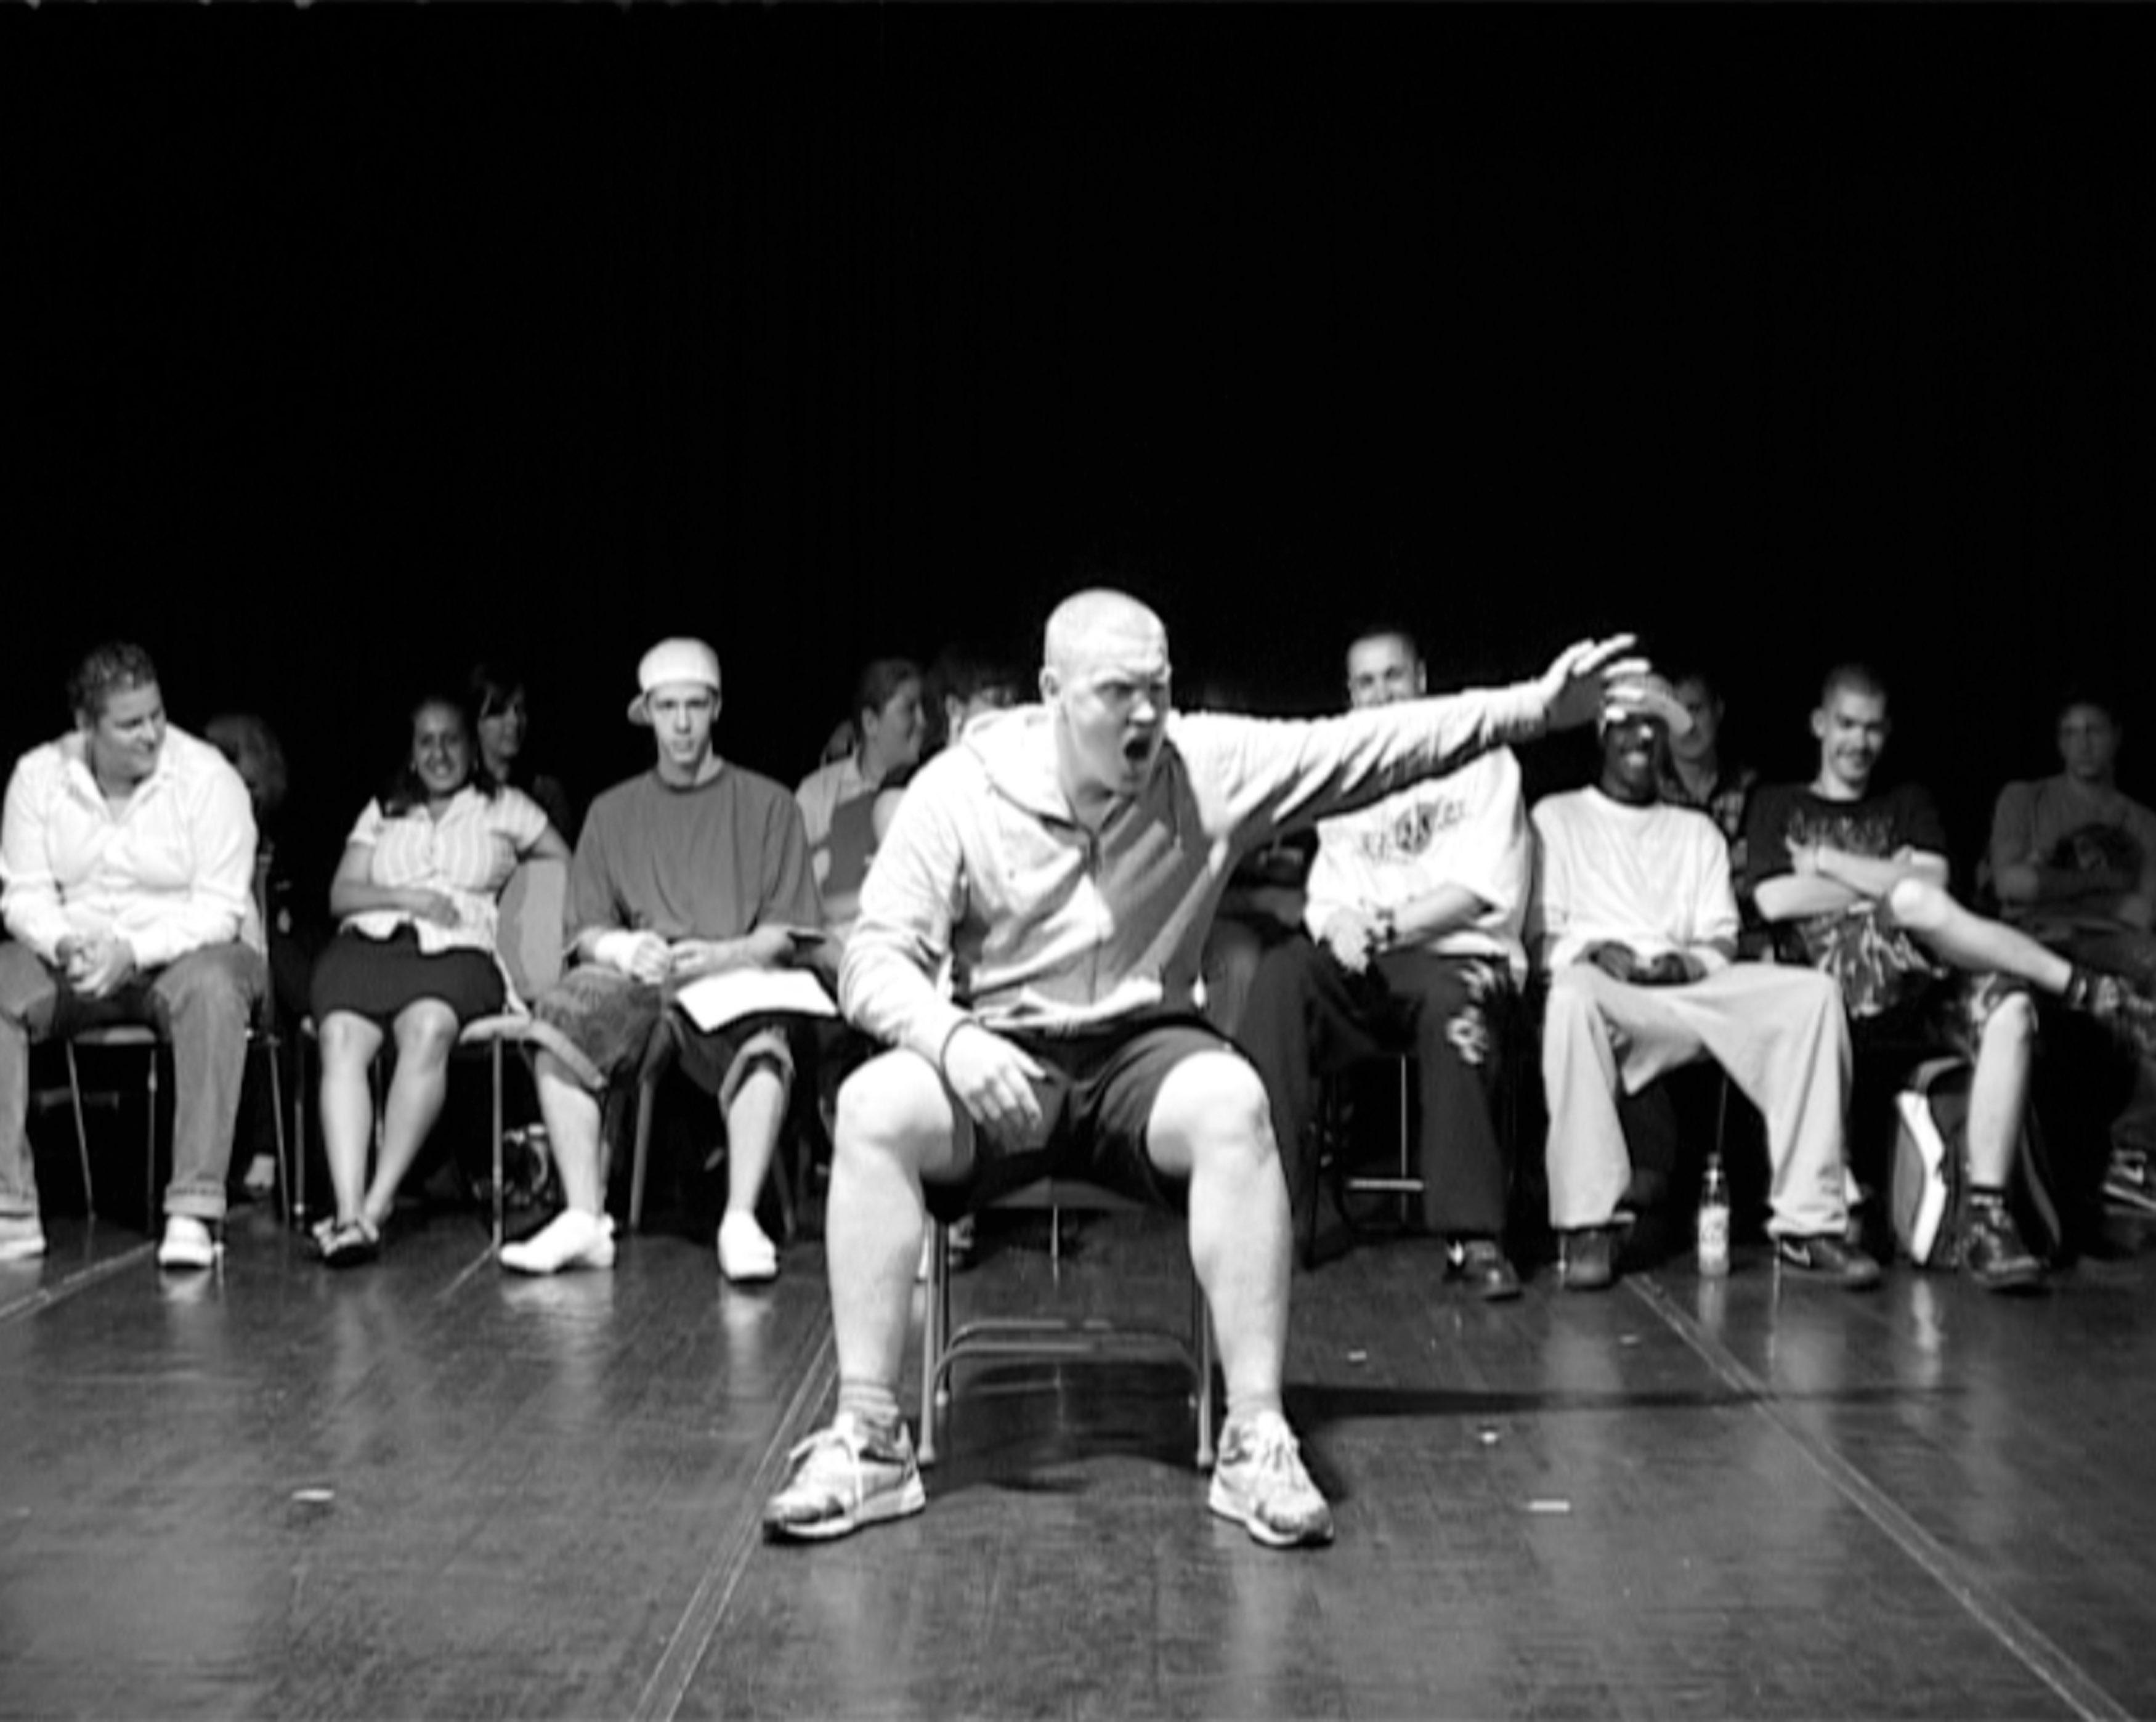 Ulf Aminde - Frontalunterricht, 2009